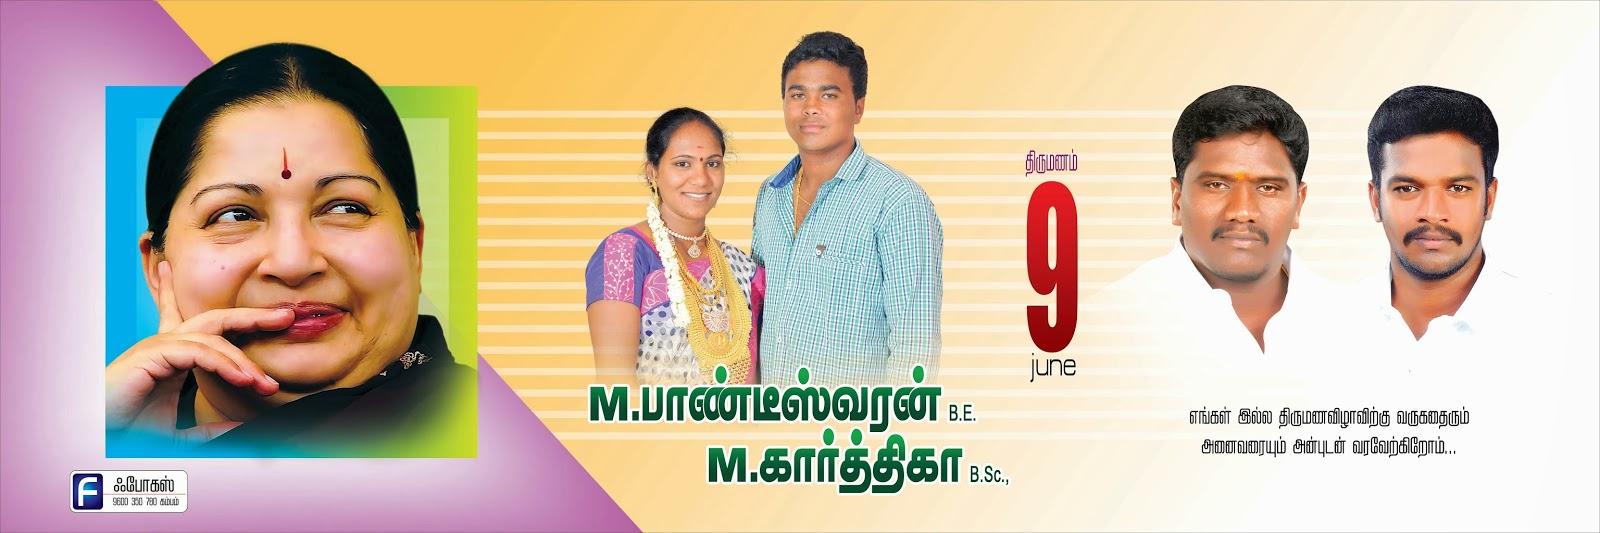 Indian Wedding Banner Design Wedding Flex Banner Design's